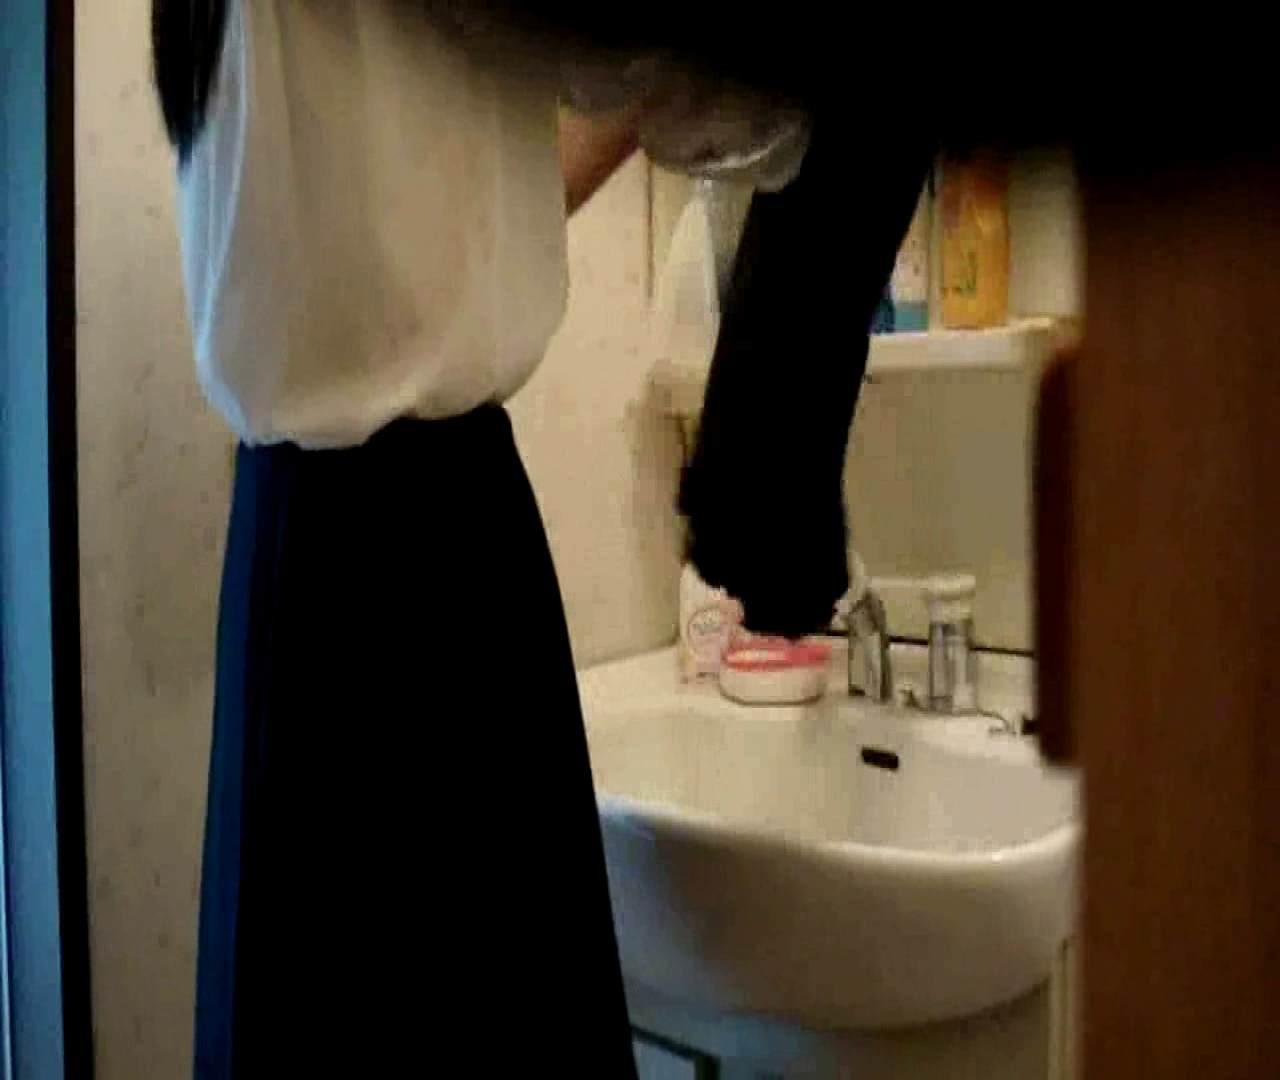 二人とも育てた甲斐がありました… vol.05 まどかが洗顔後にブラを洗濯 HなOL | 0  98pic 94